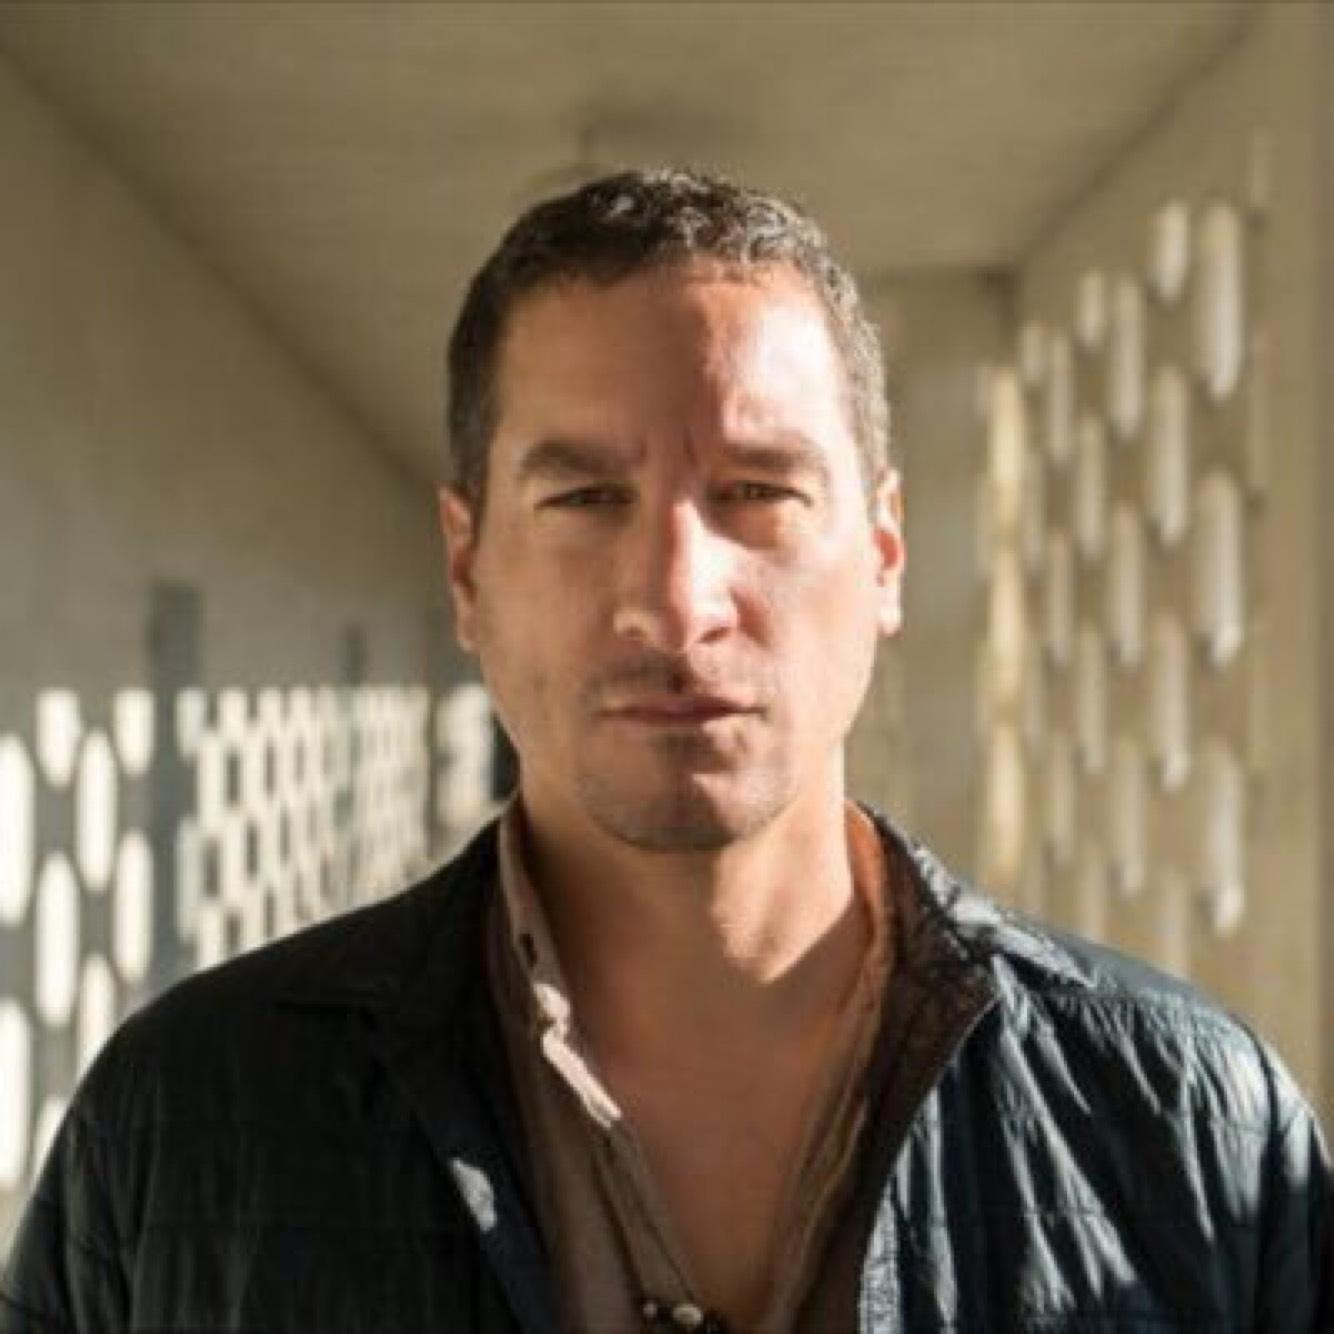 Matt Checkowski's profile image